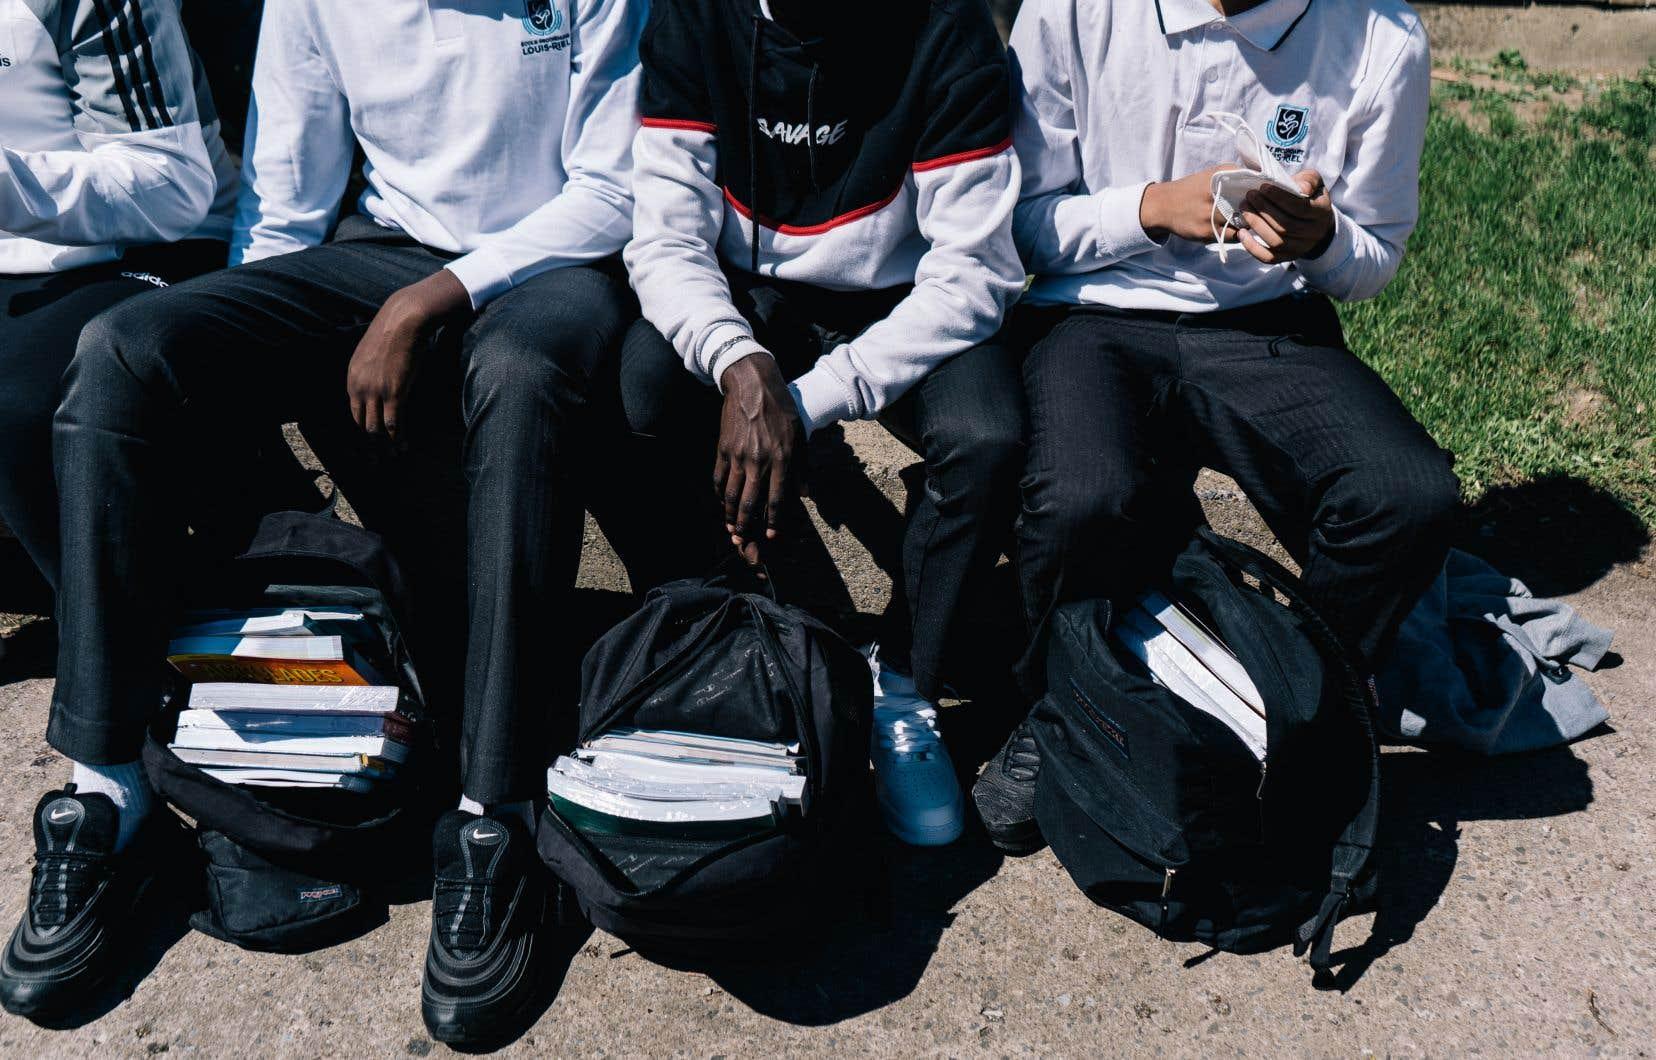 Selon l'auteur, l'anxiété de performance, le manque d'estime de soi et la perte d'autonomie des jeunes seraient des conséquences des écoles sélectives et discriminatoires que produit le système d'éducation québécois.